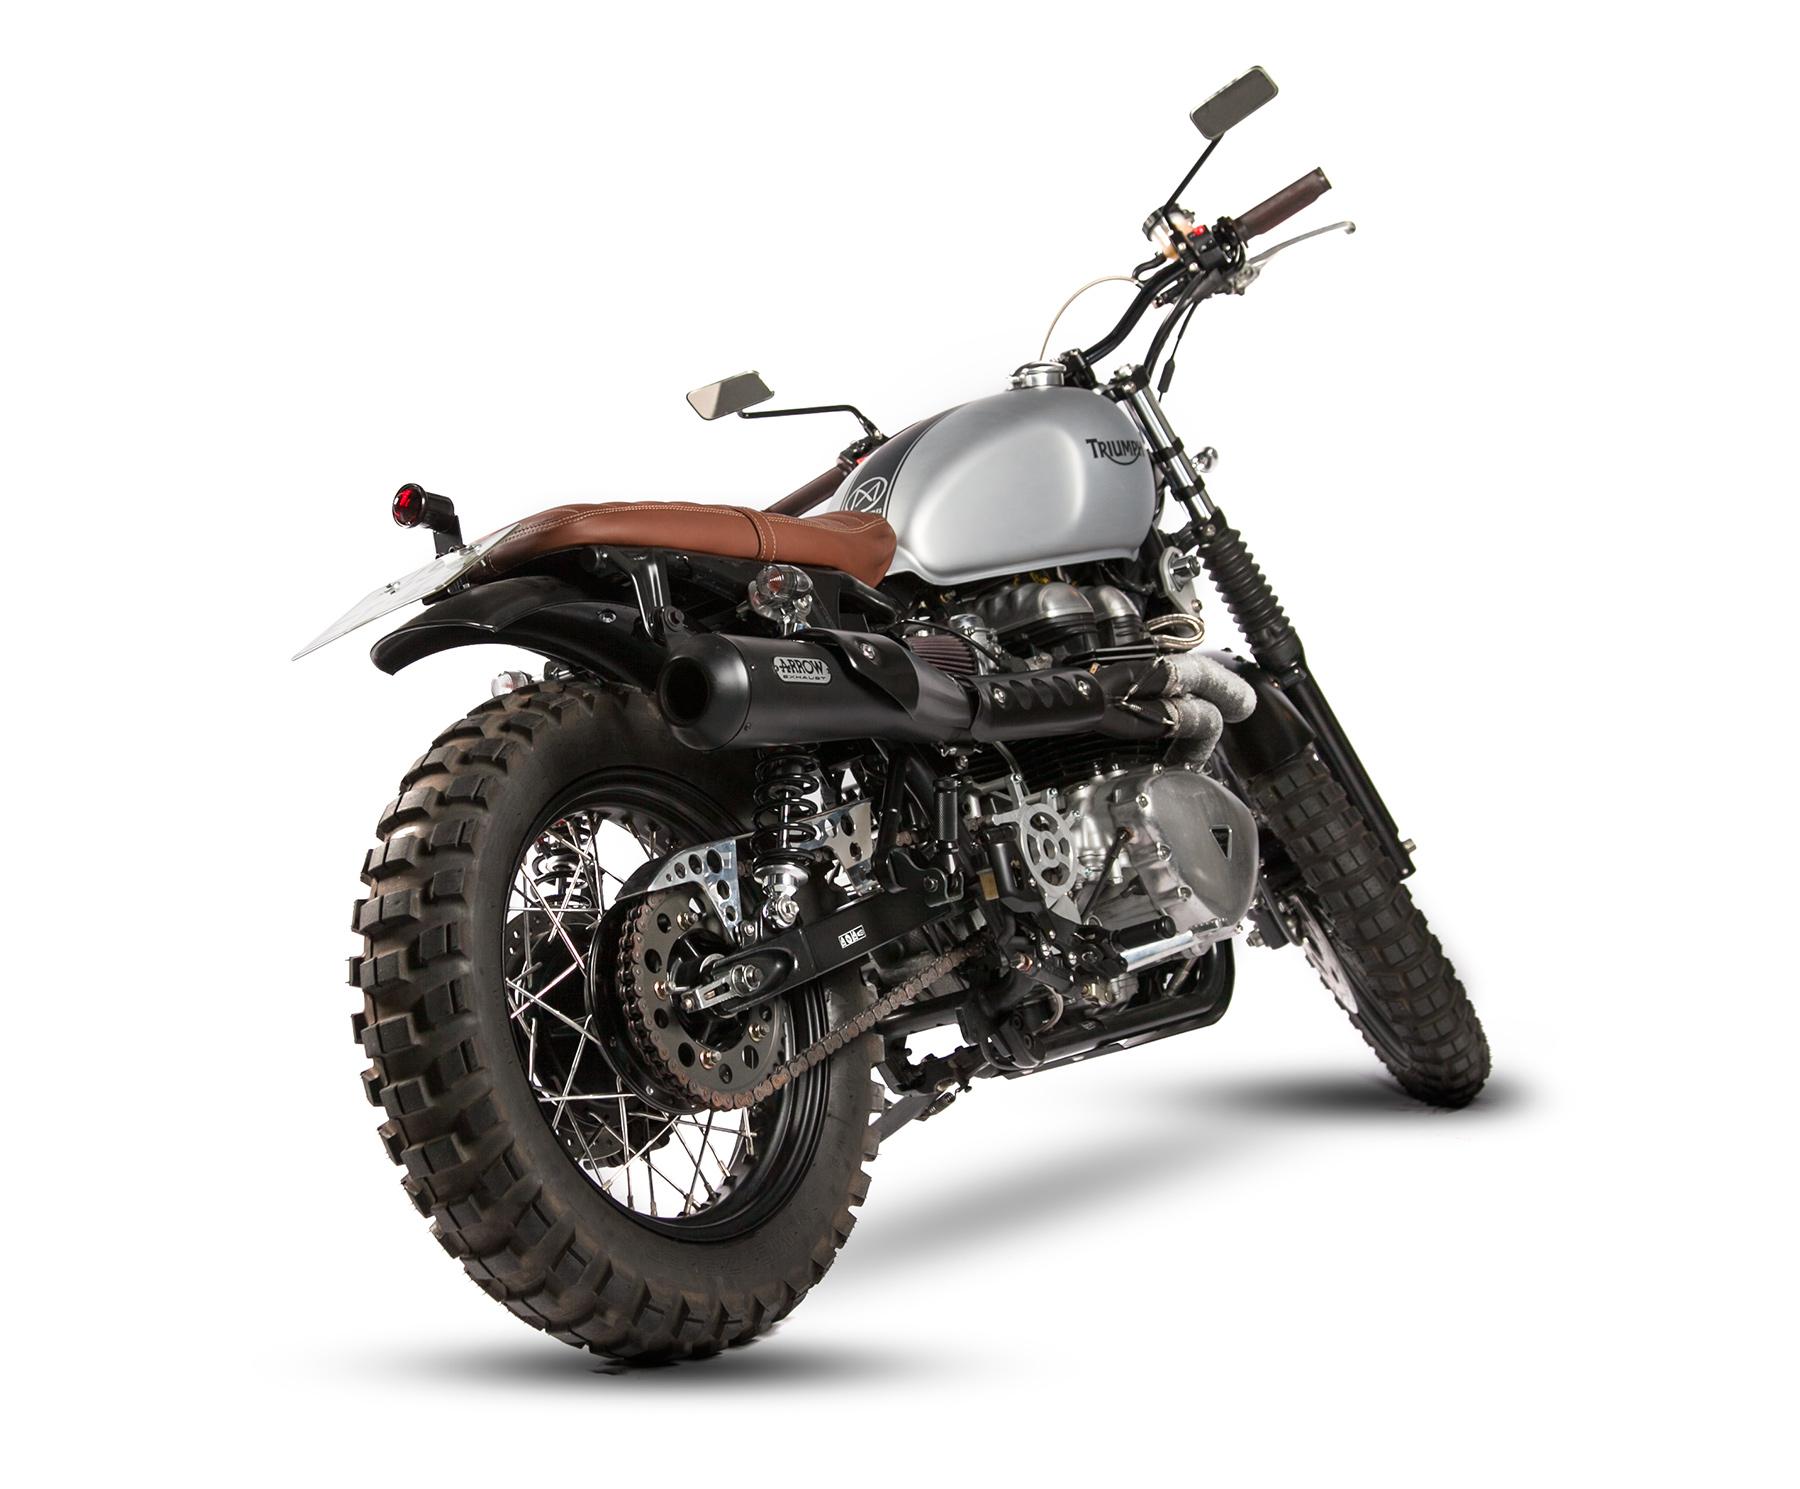 Mariaridingcompany_Navalha_Motorcycle_3921